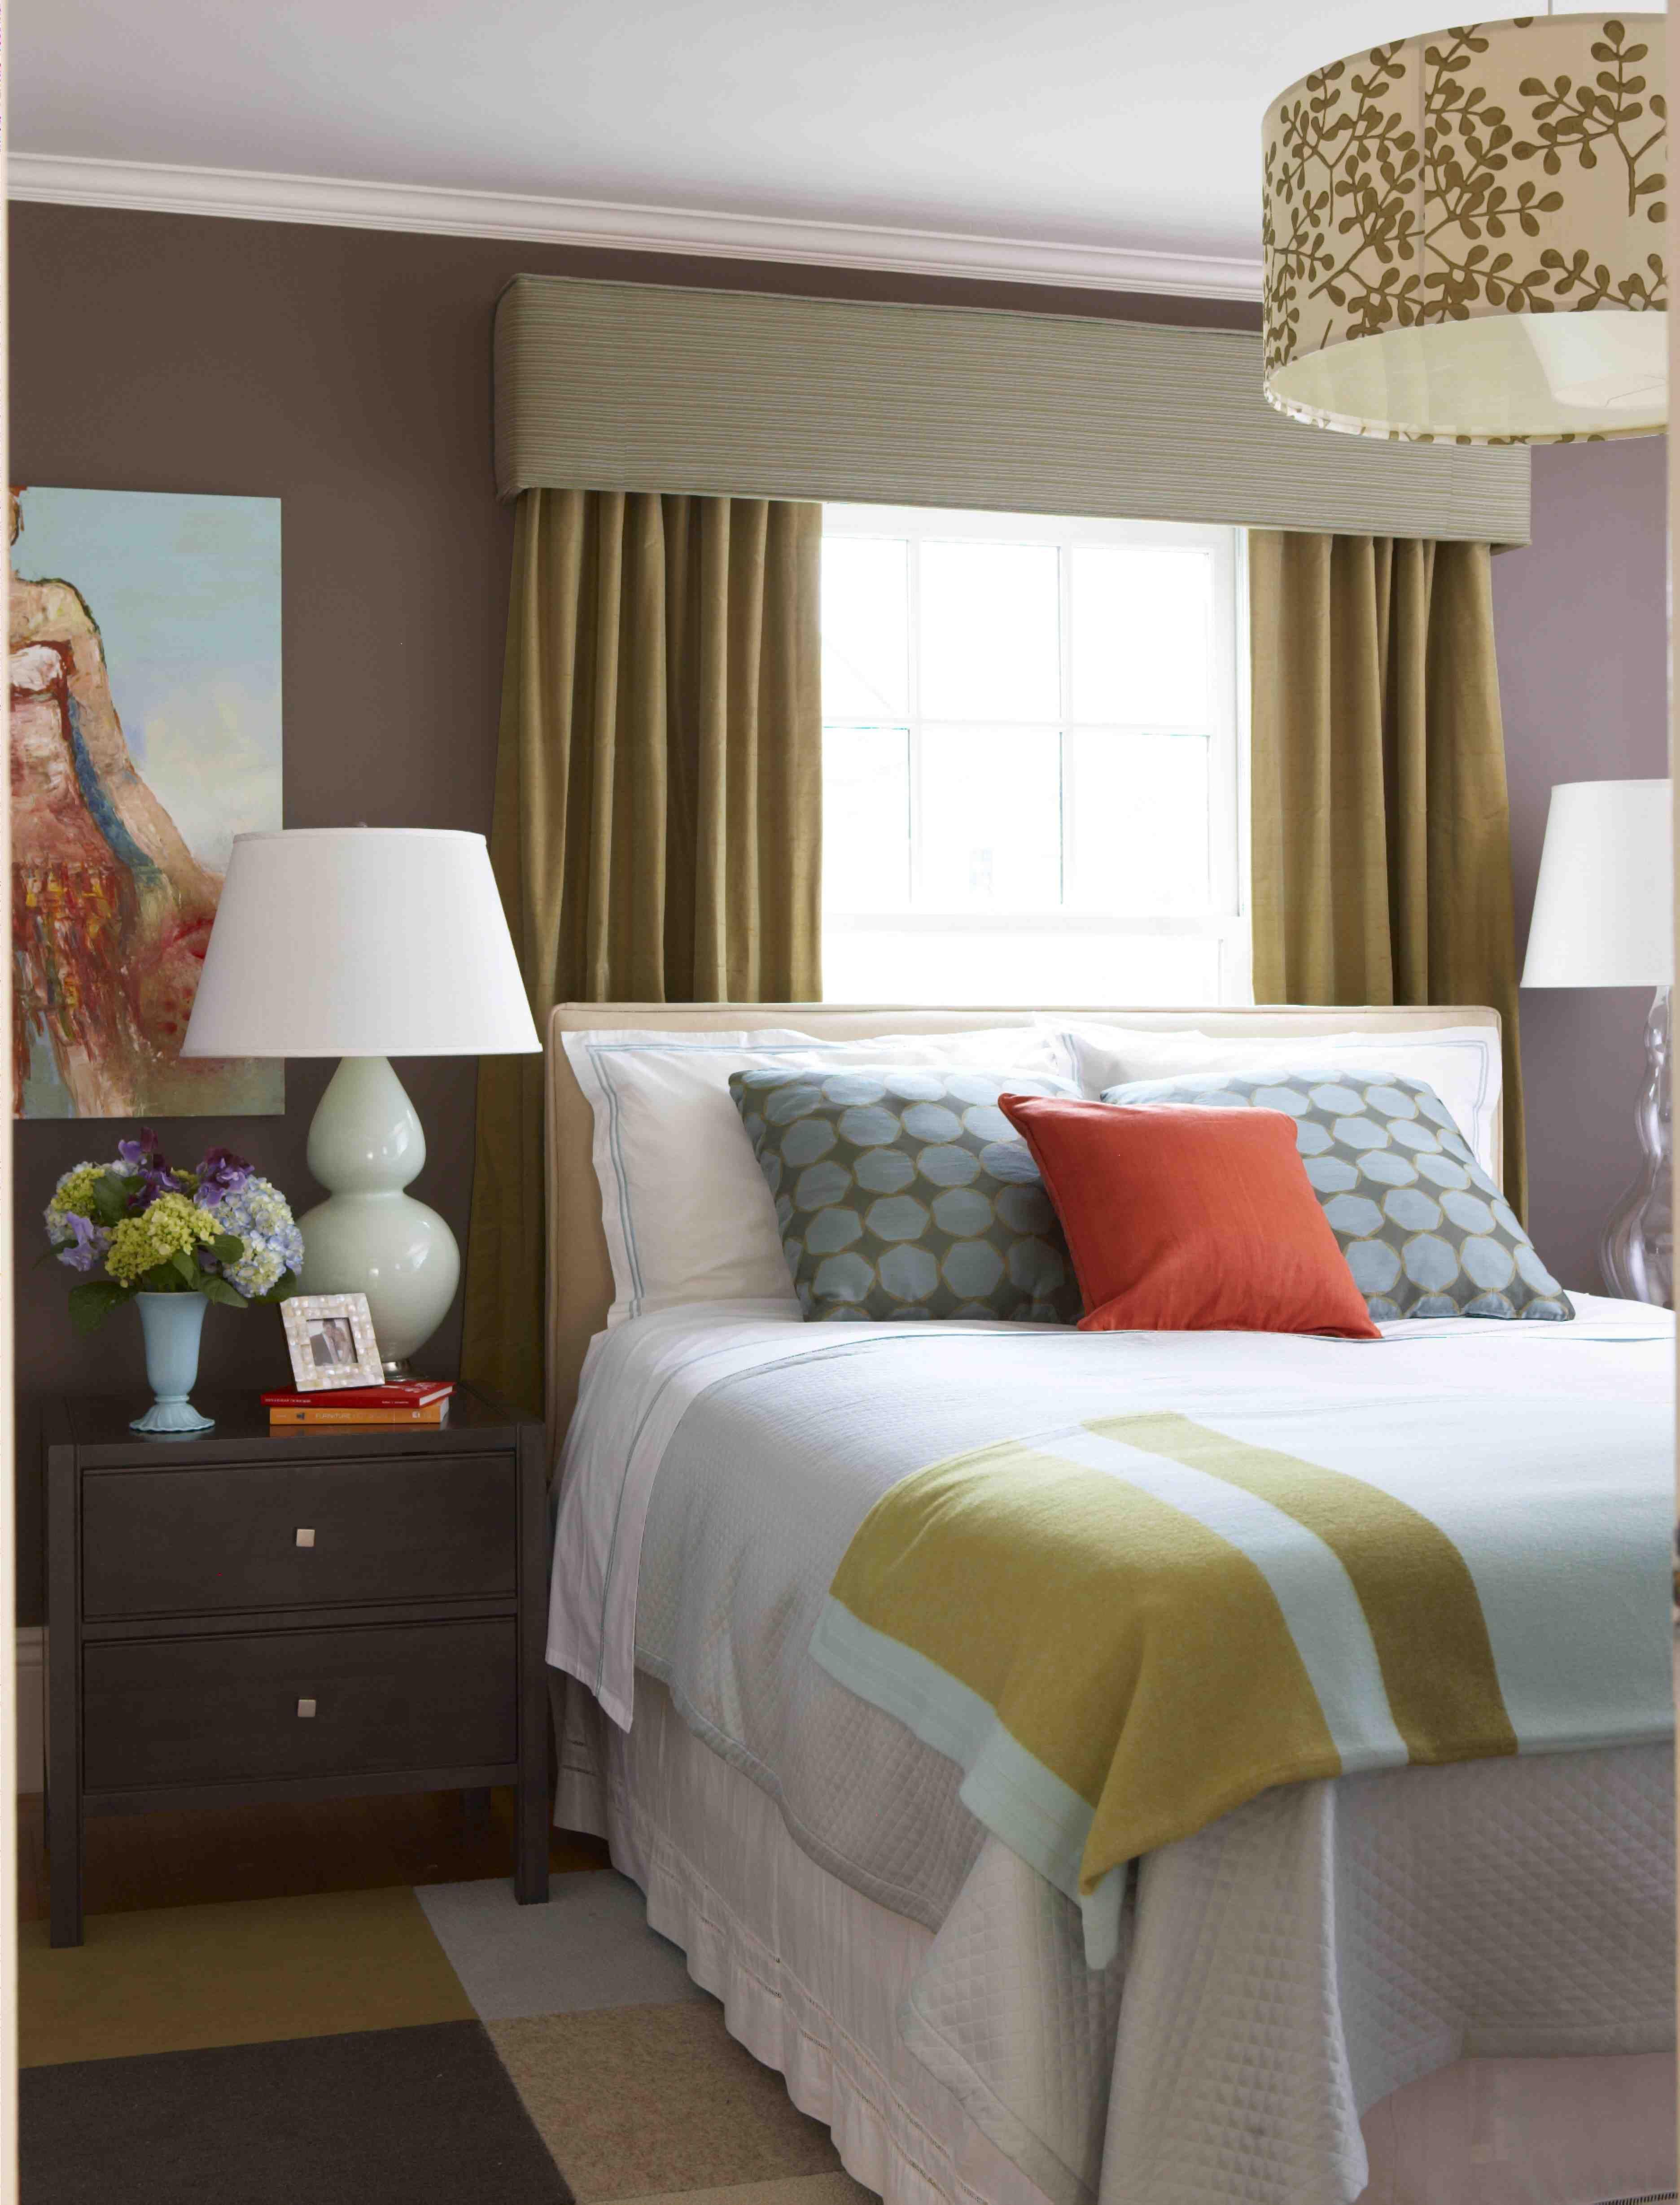 My Best Bedrooms & Bathrooms of 2010 | Pinterest | Bedrooms, Master ...